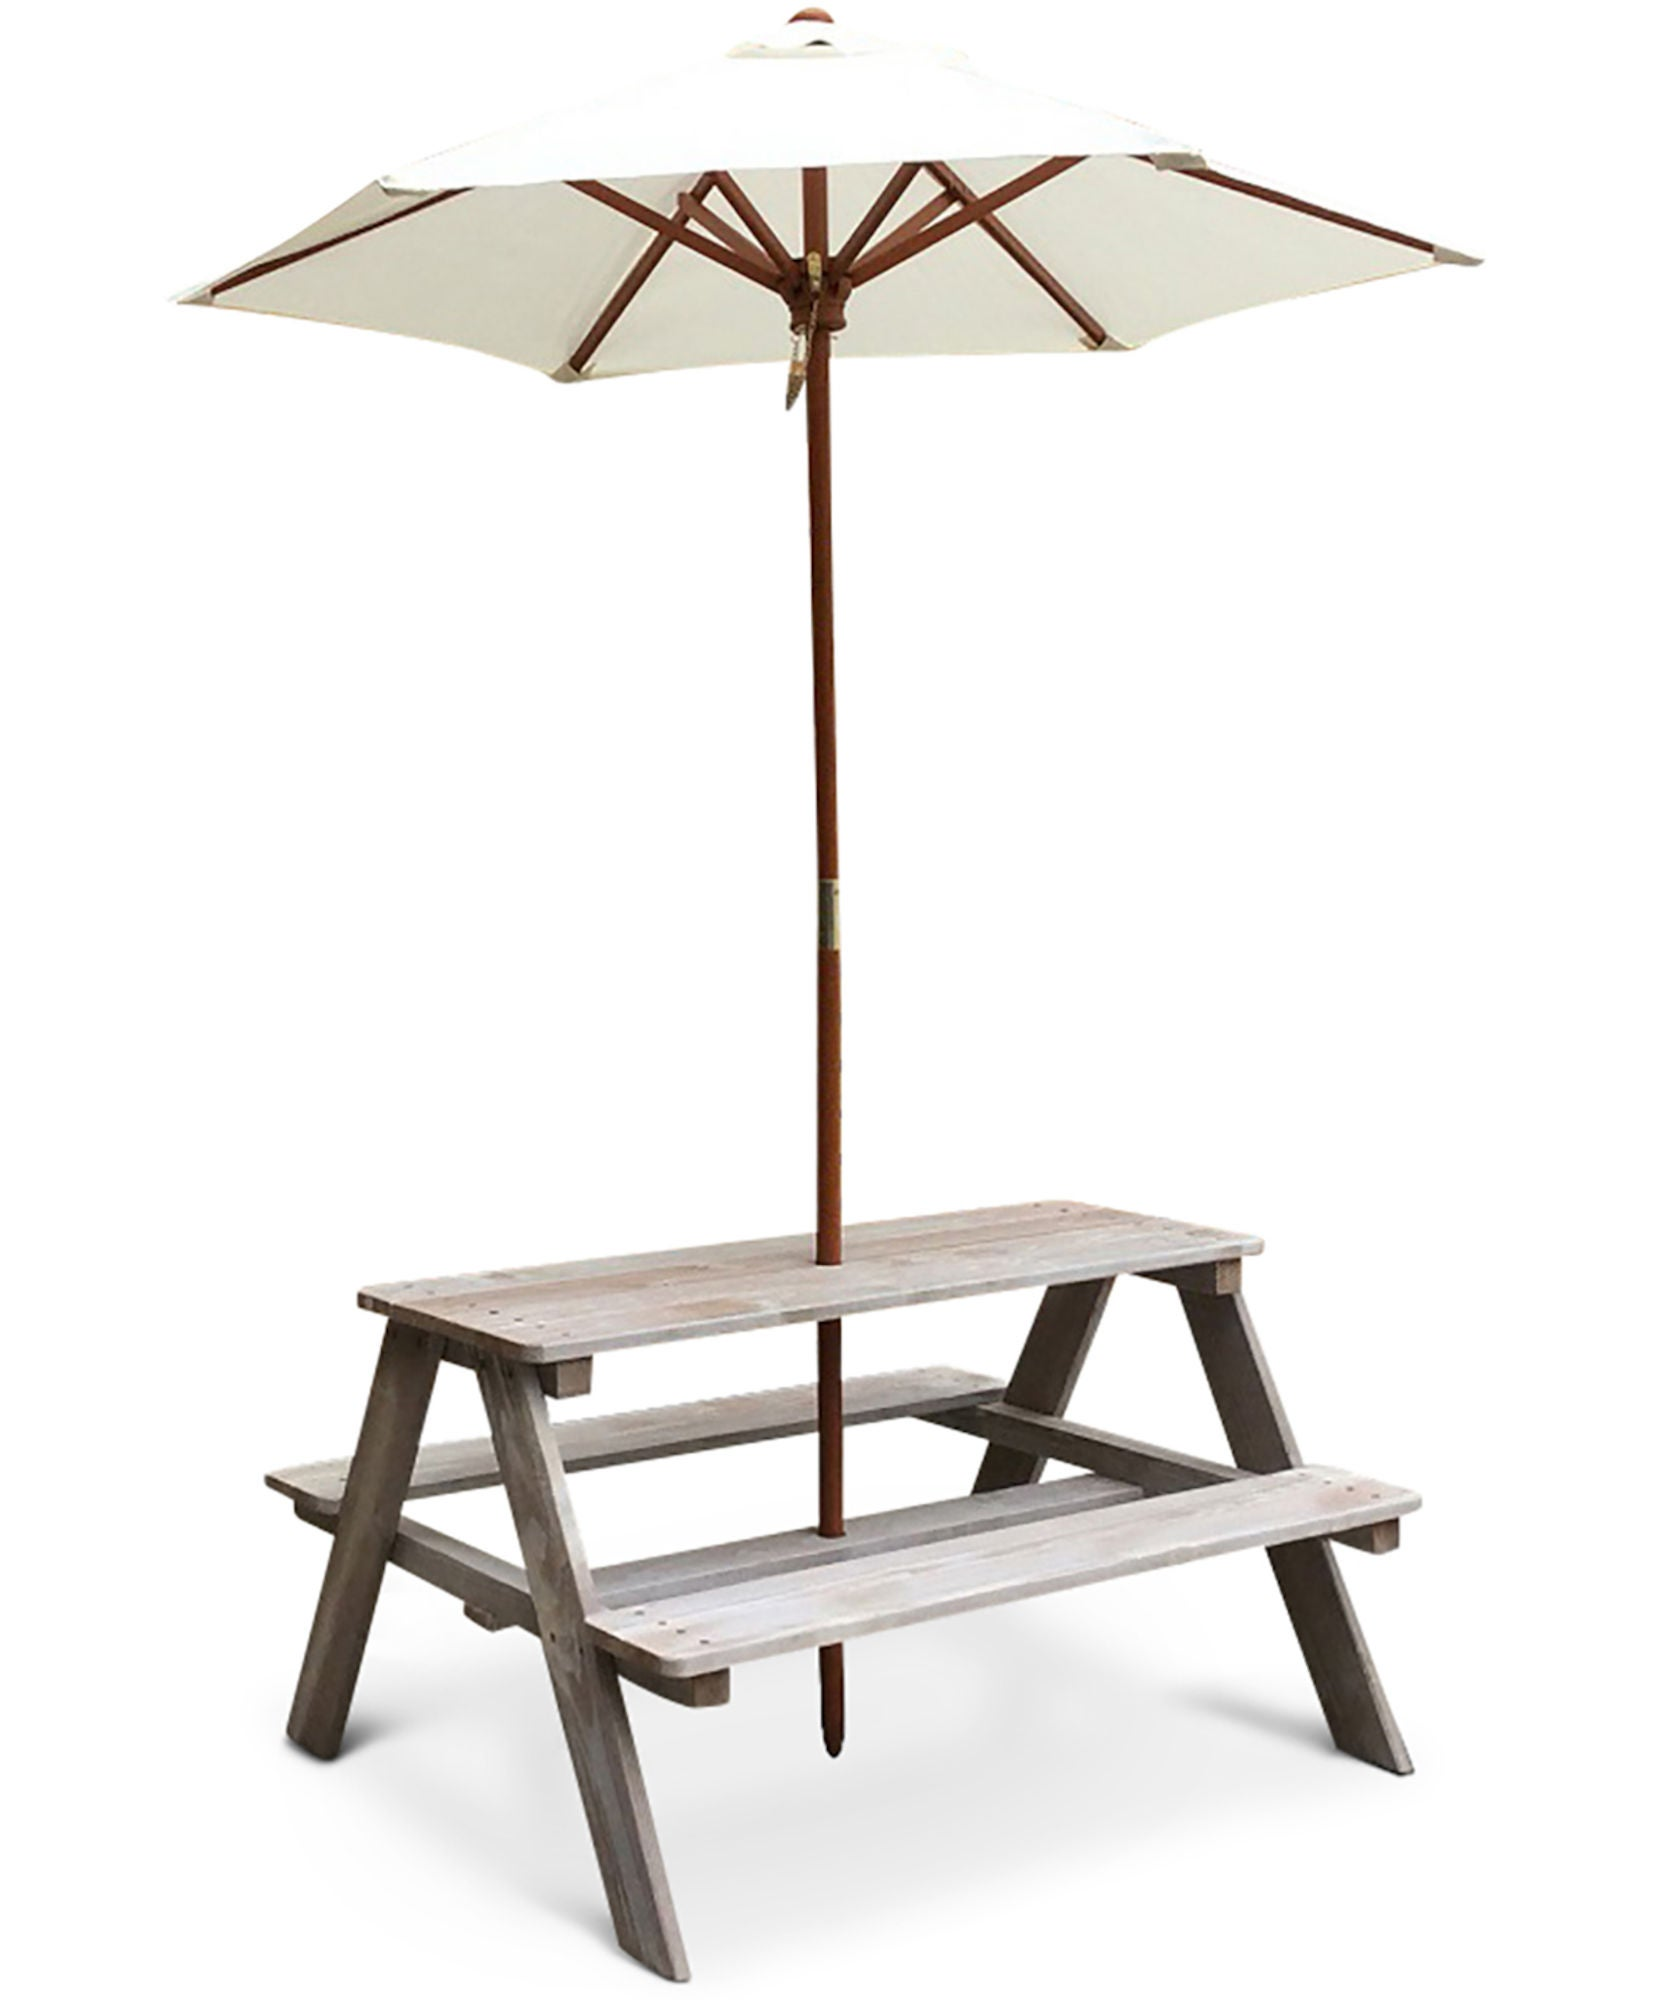 Woodlii Piknikpöytä Aurinkovarjolla, Harmaa